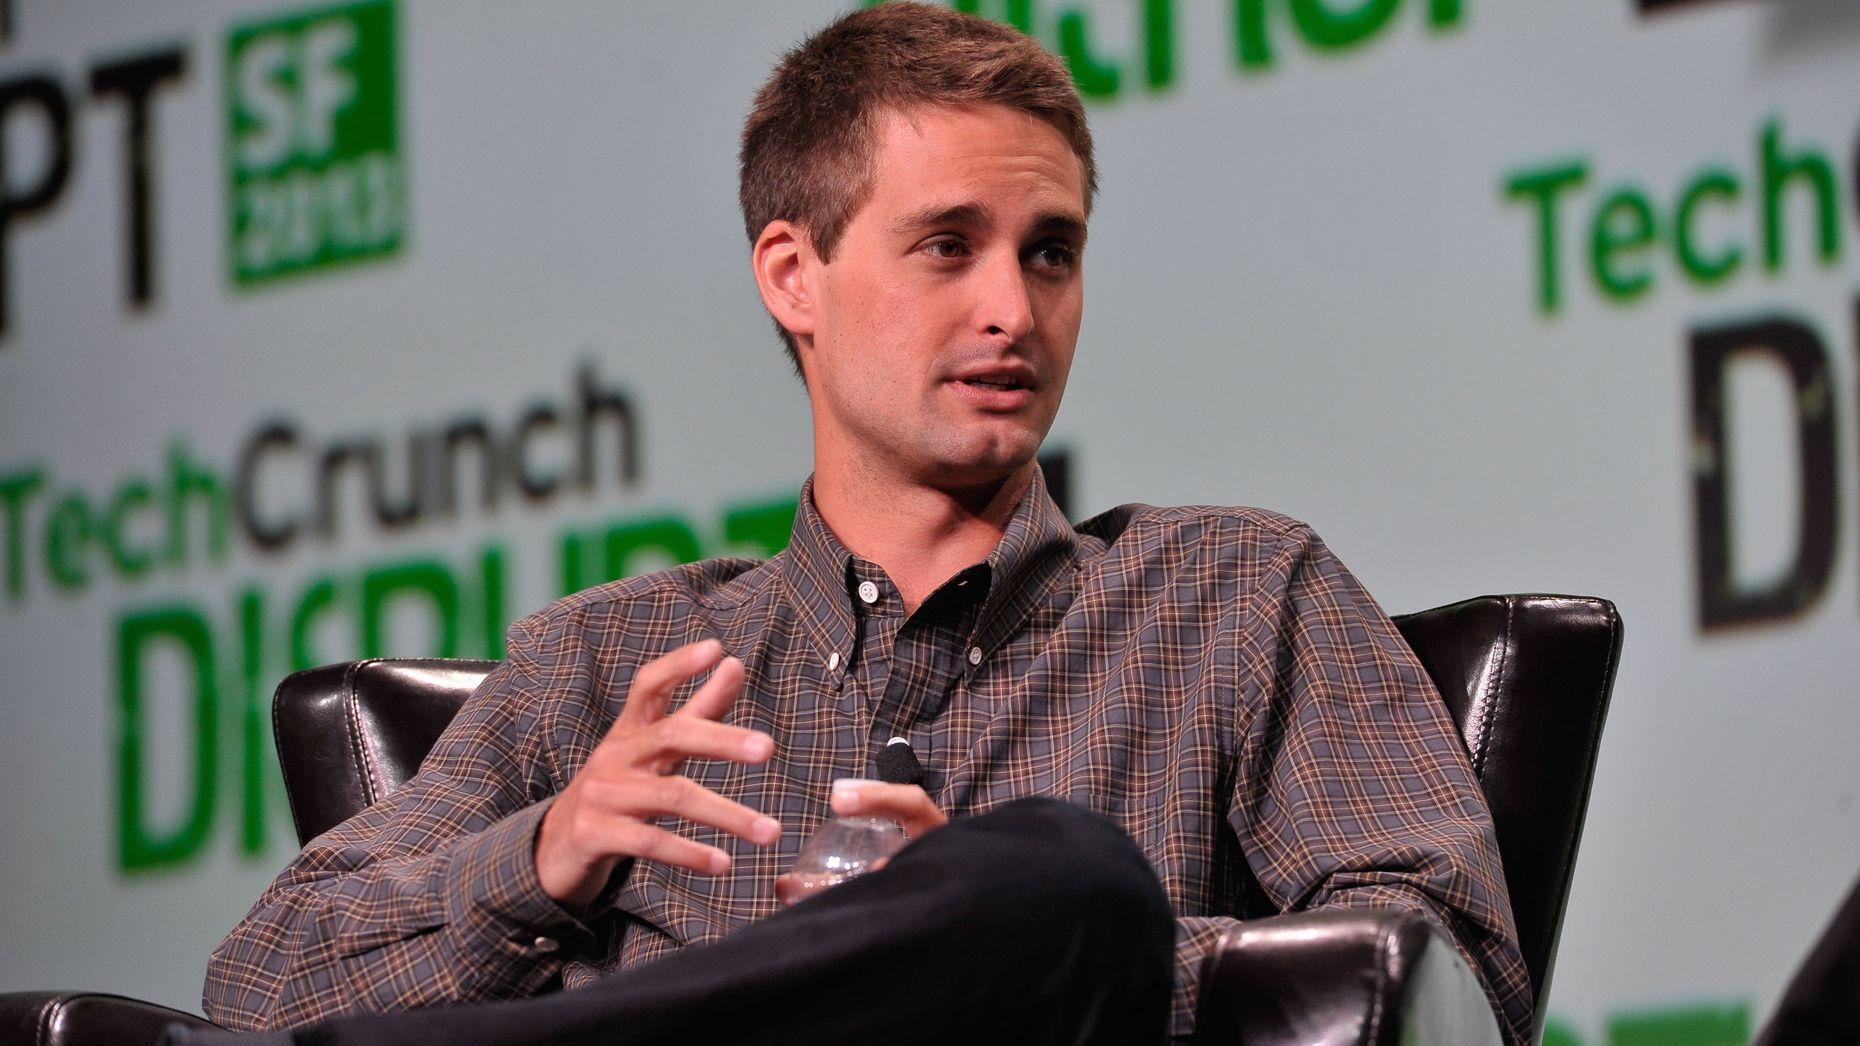 Snapchat CEO Evan Spiegel. Photo by Flickr/TechCrunch.